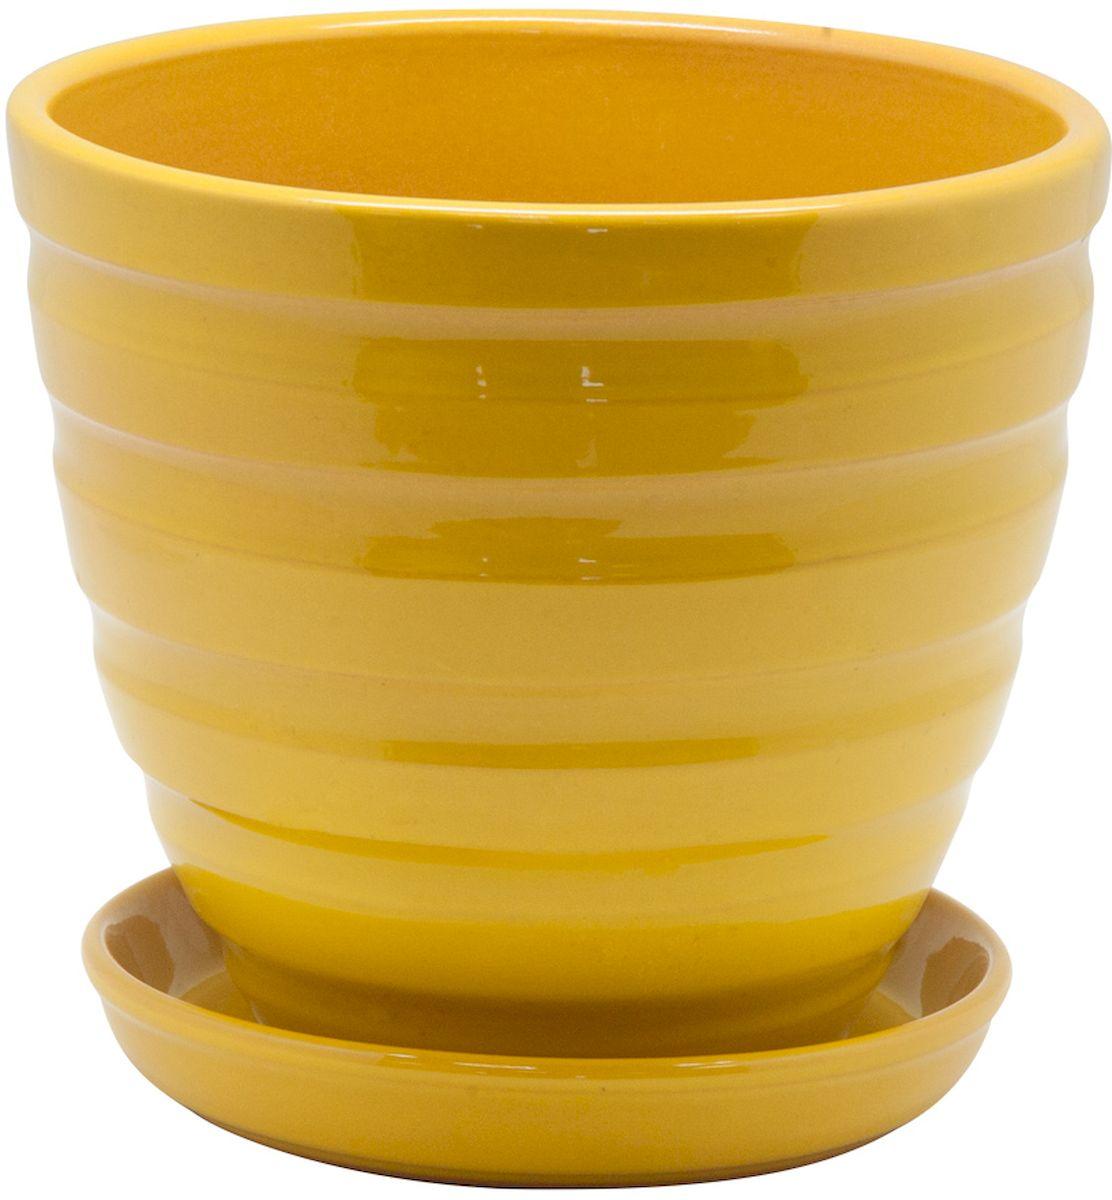 Горшок цветочный Engard, с поддоном, цвет: желтый, 2,4 лK100Керамический горшок - это идеальное решение для выращивания комнатных растений и создания изысканности в интерьере. Керамический горшок сделан из высококачественной глины в классической форме и оригинальном дизайне.